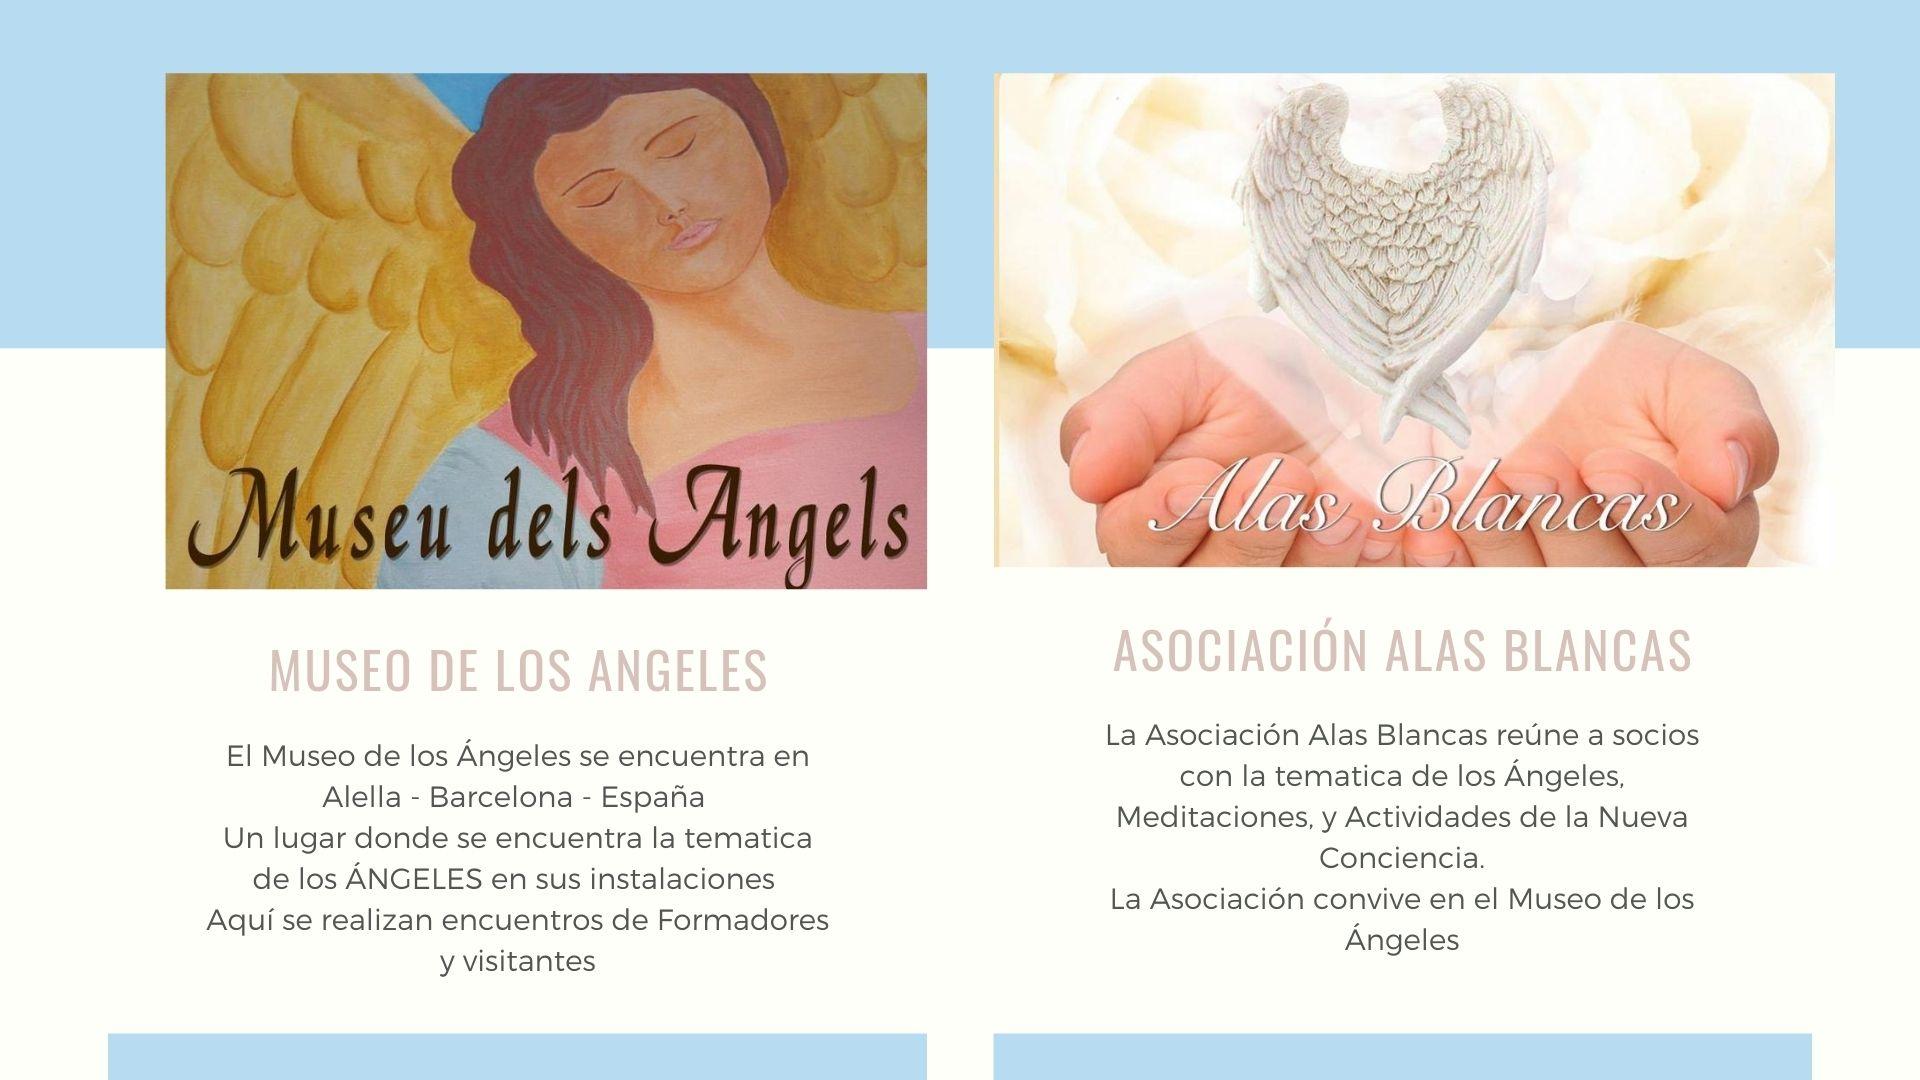 peticiones a los ángeles en el museo de los angeles